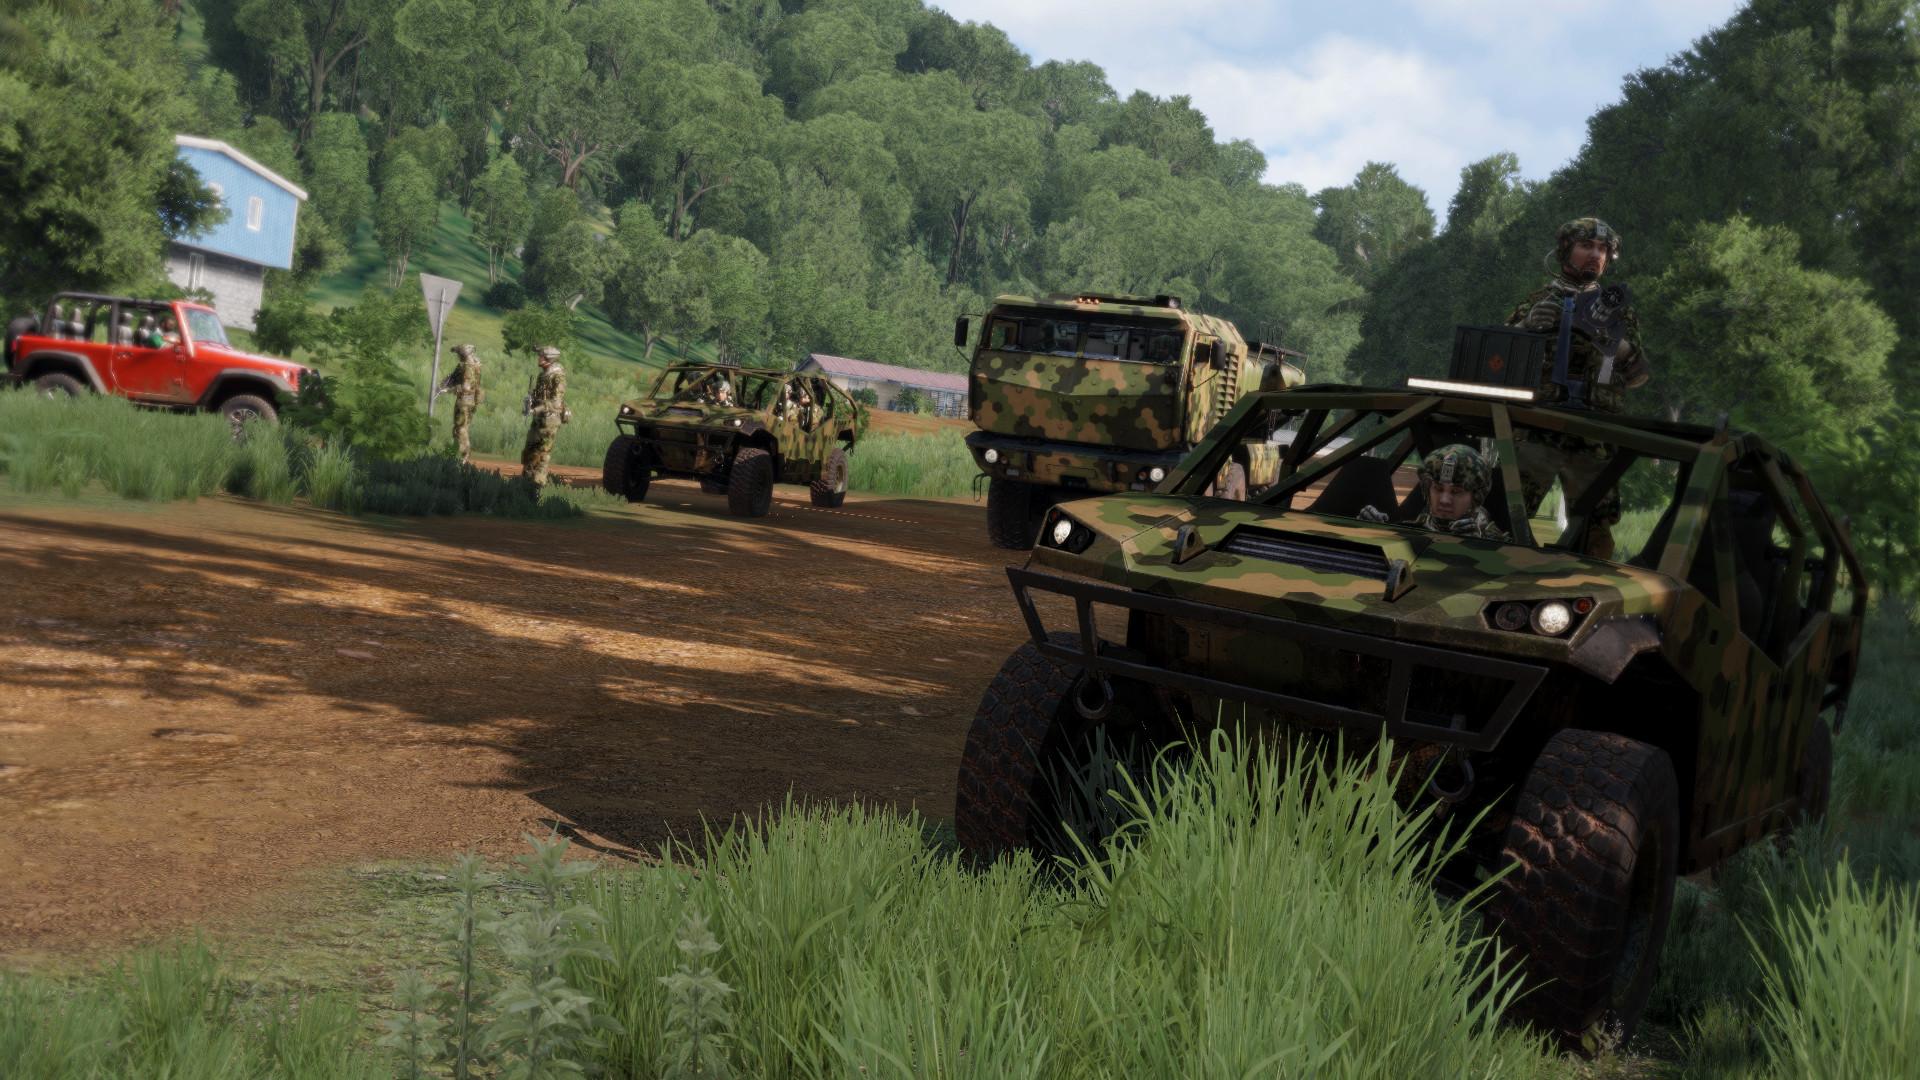 Скриншот к игре Arma 3: Apex Edition [v 1.98.146.303 + DLC's] (2013) PC | RePack от R.G. Механики